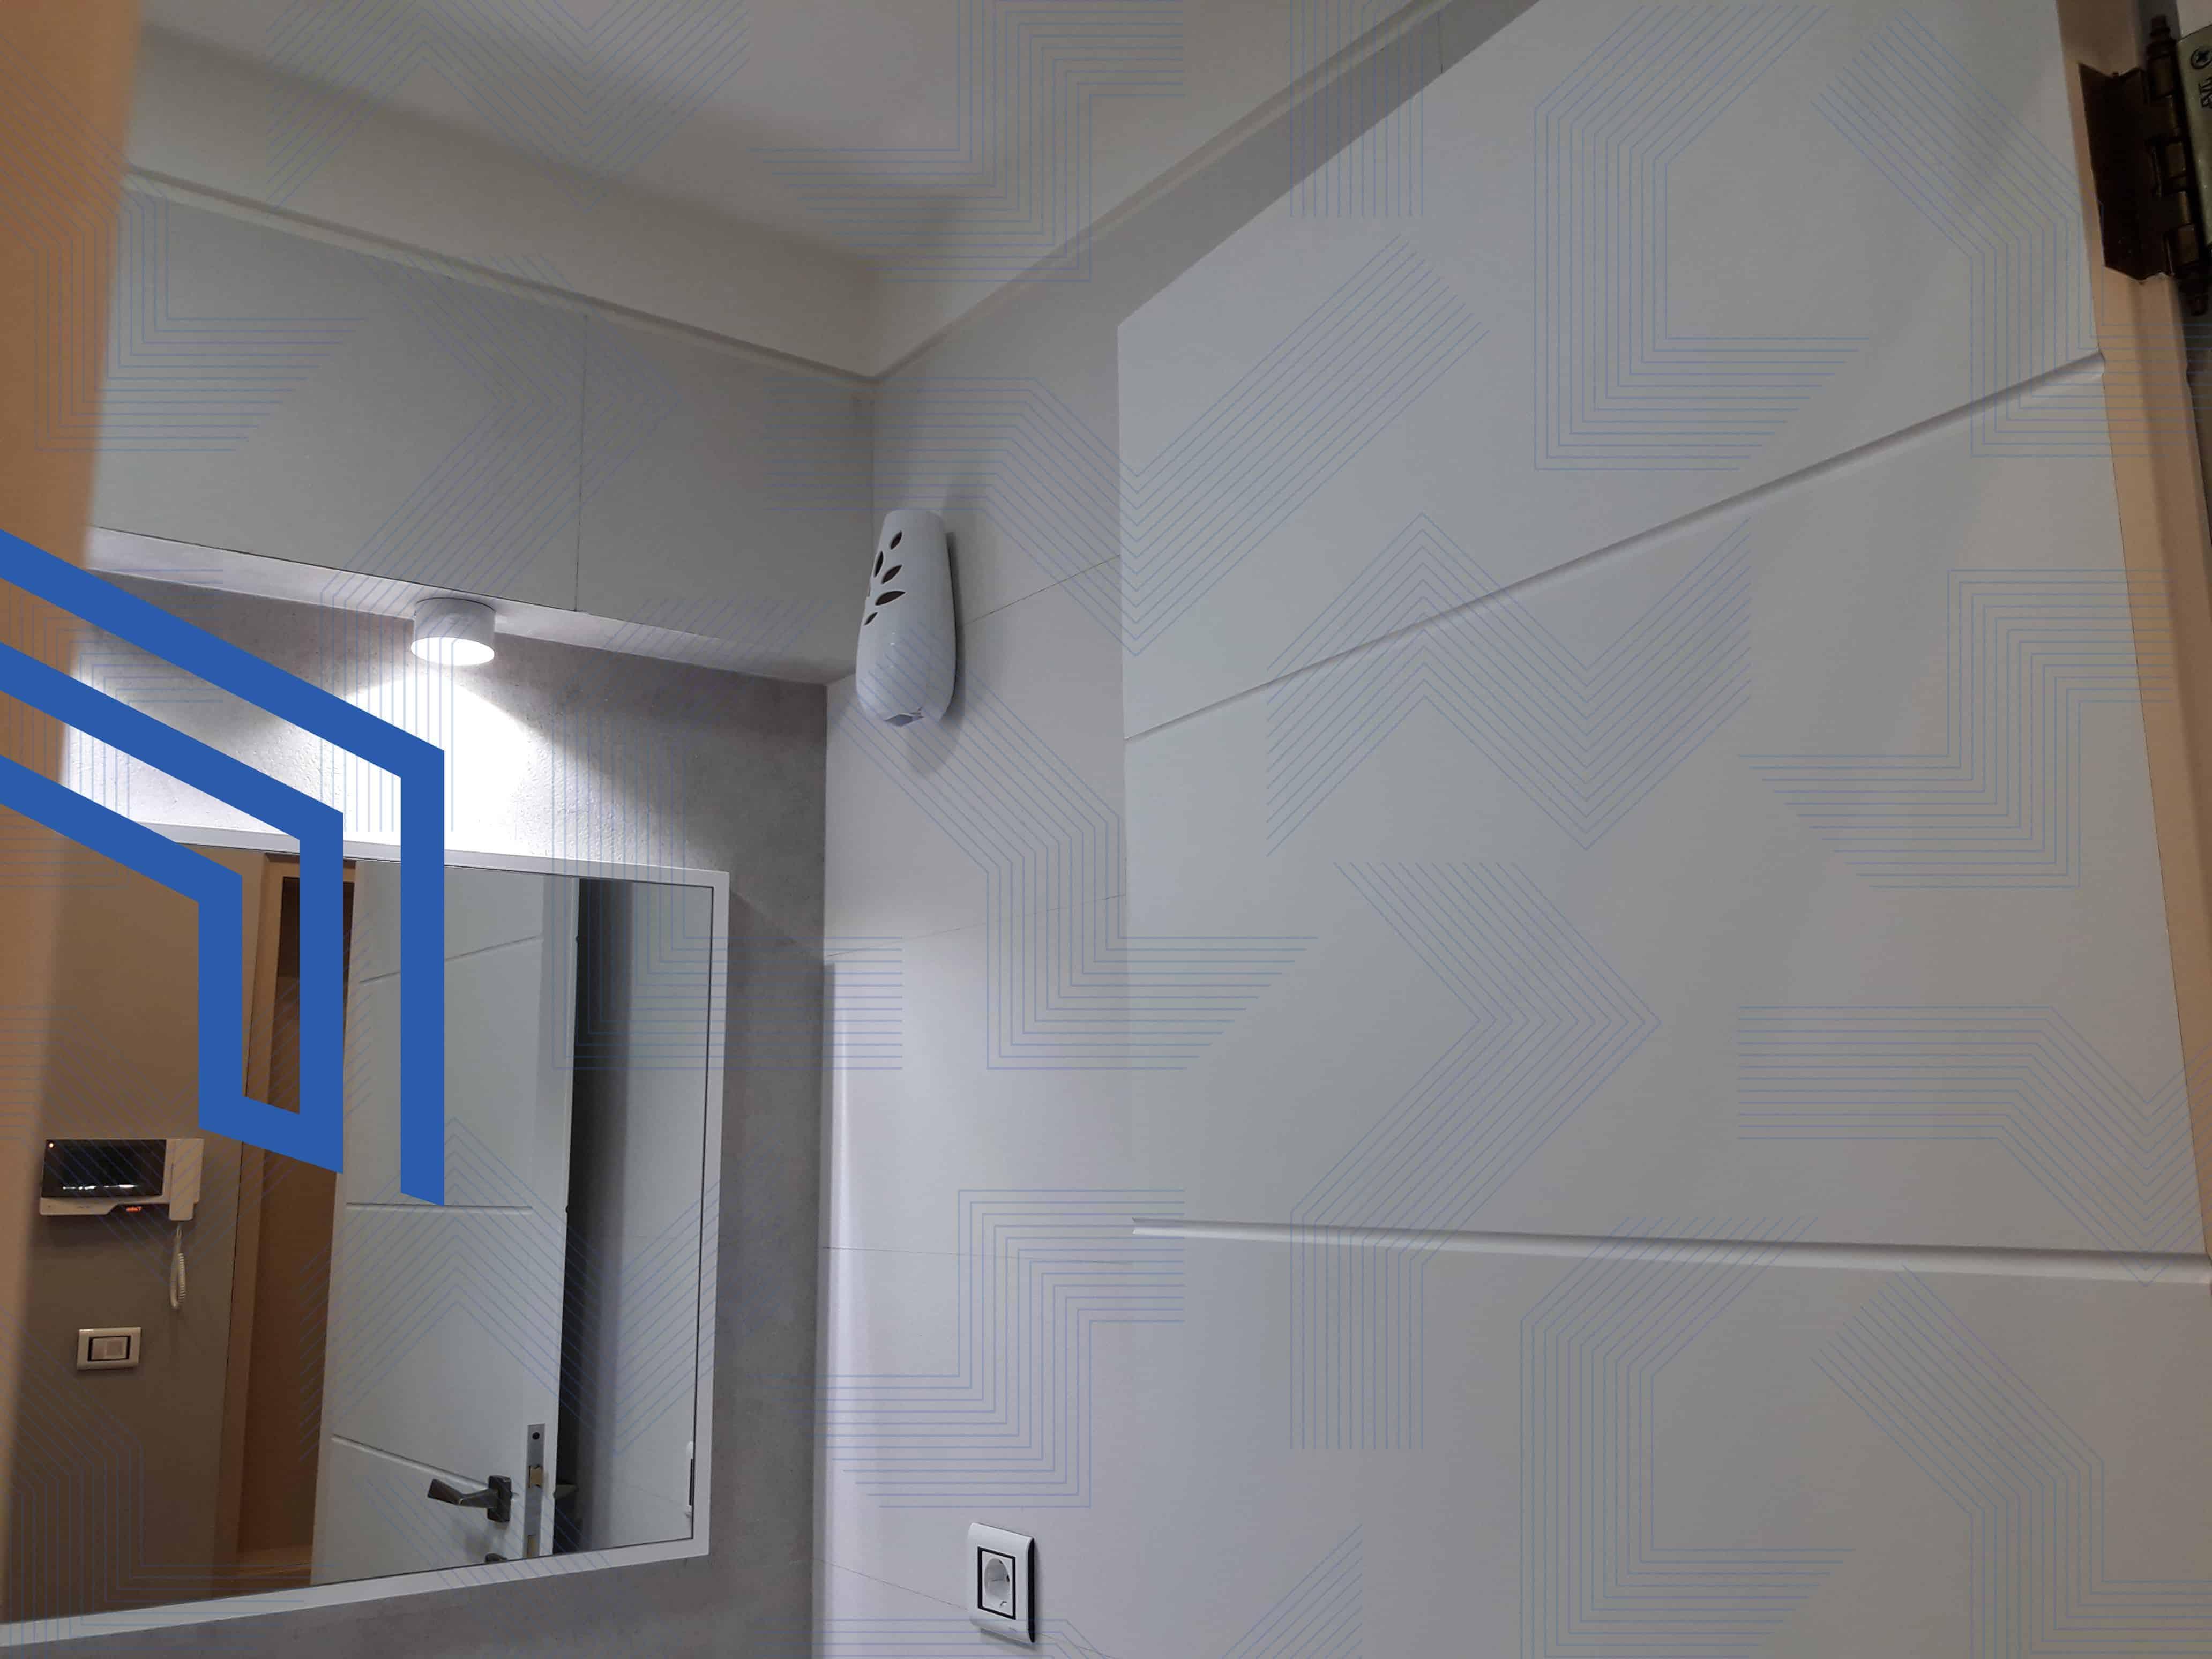 پروژه خانه هوشمند آلفا